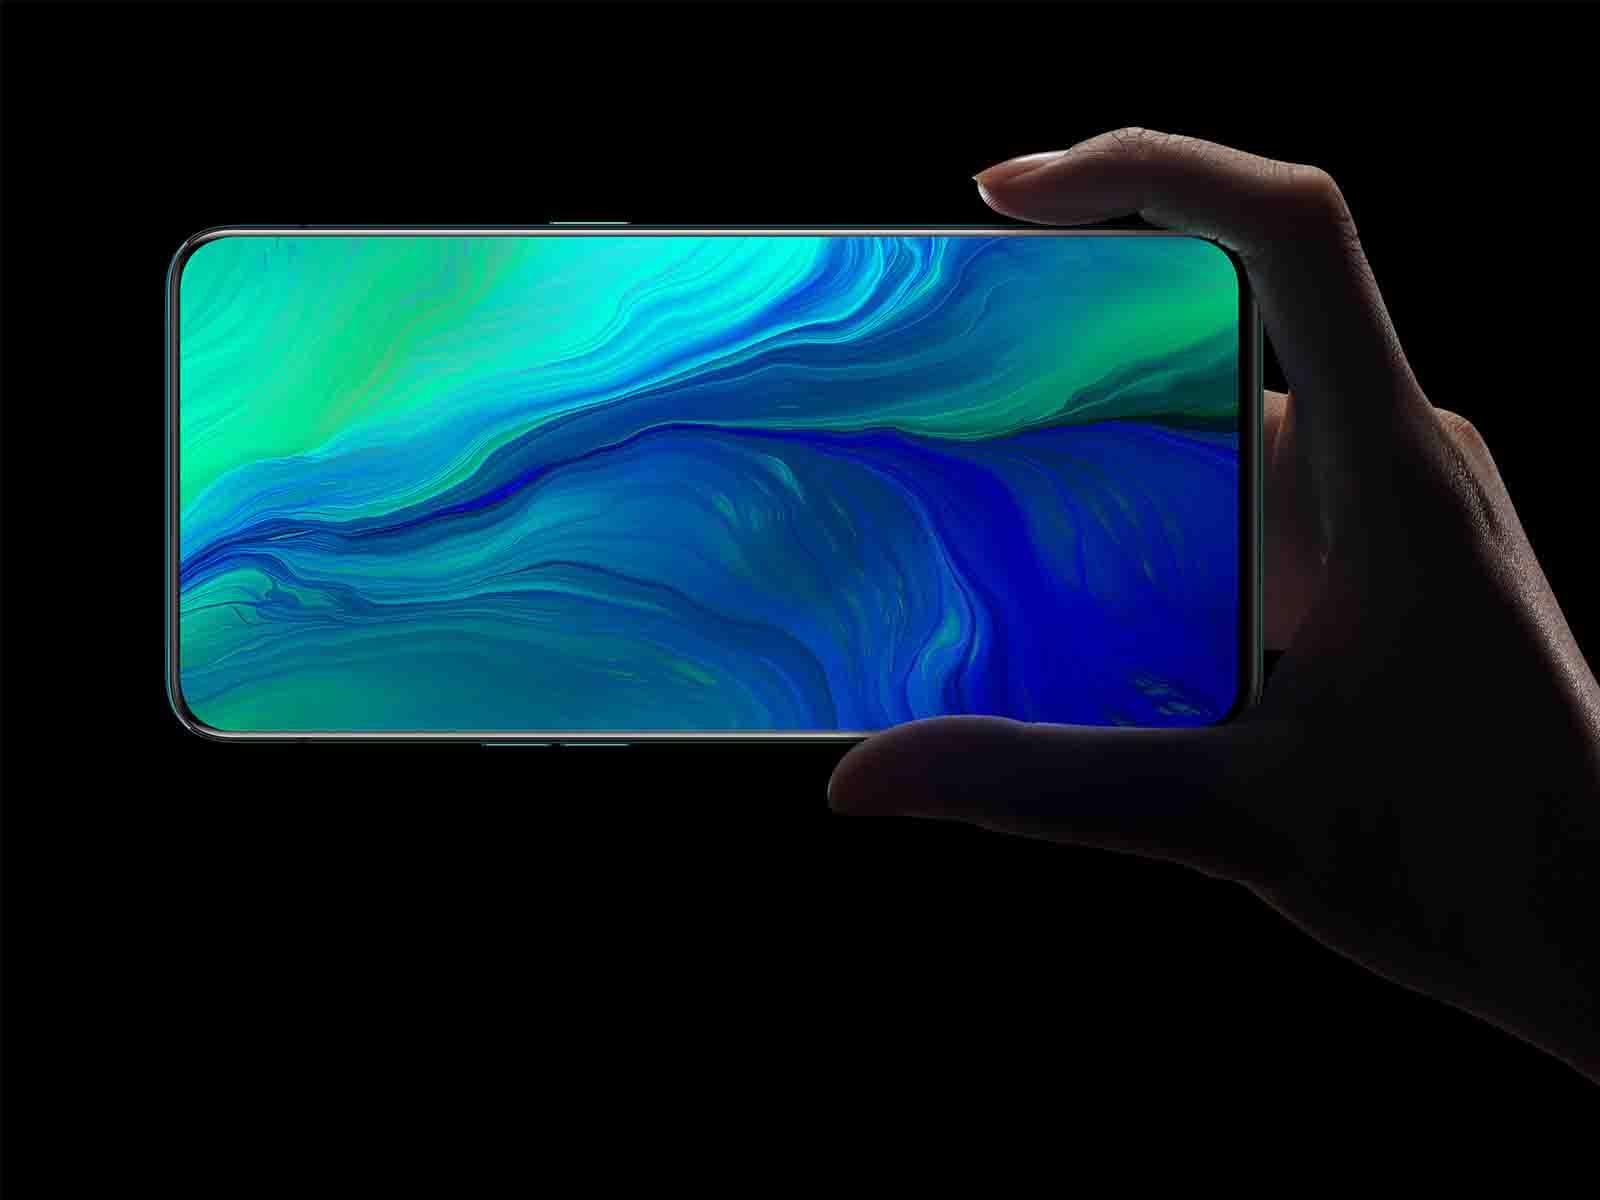 2019年OLED智能机品牌国内销量统计:OPPO居首,华为跃升为第二